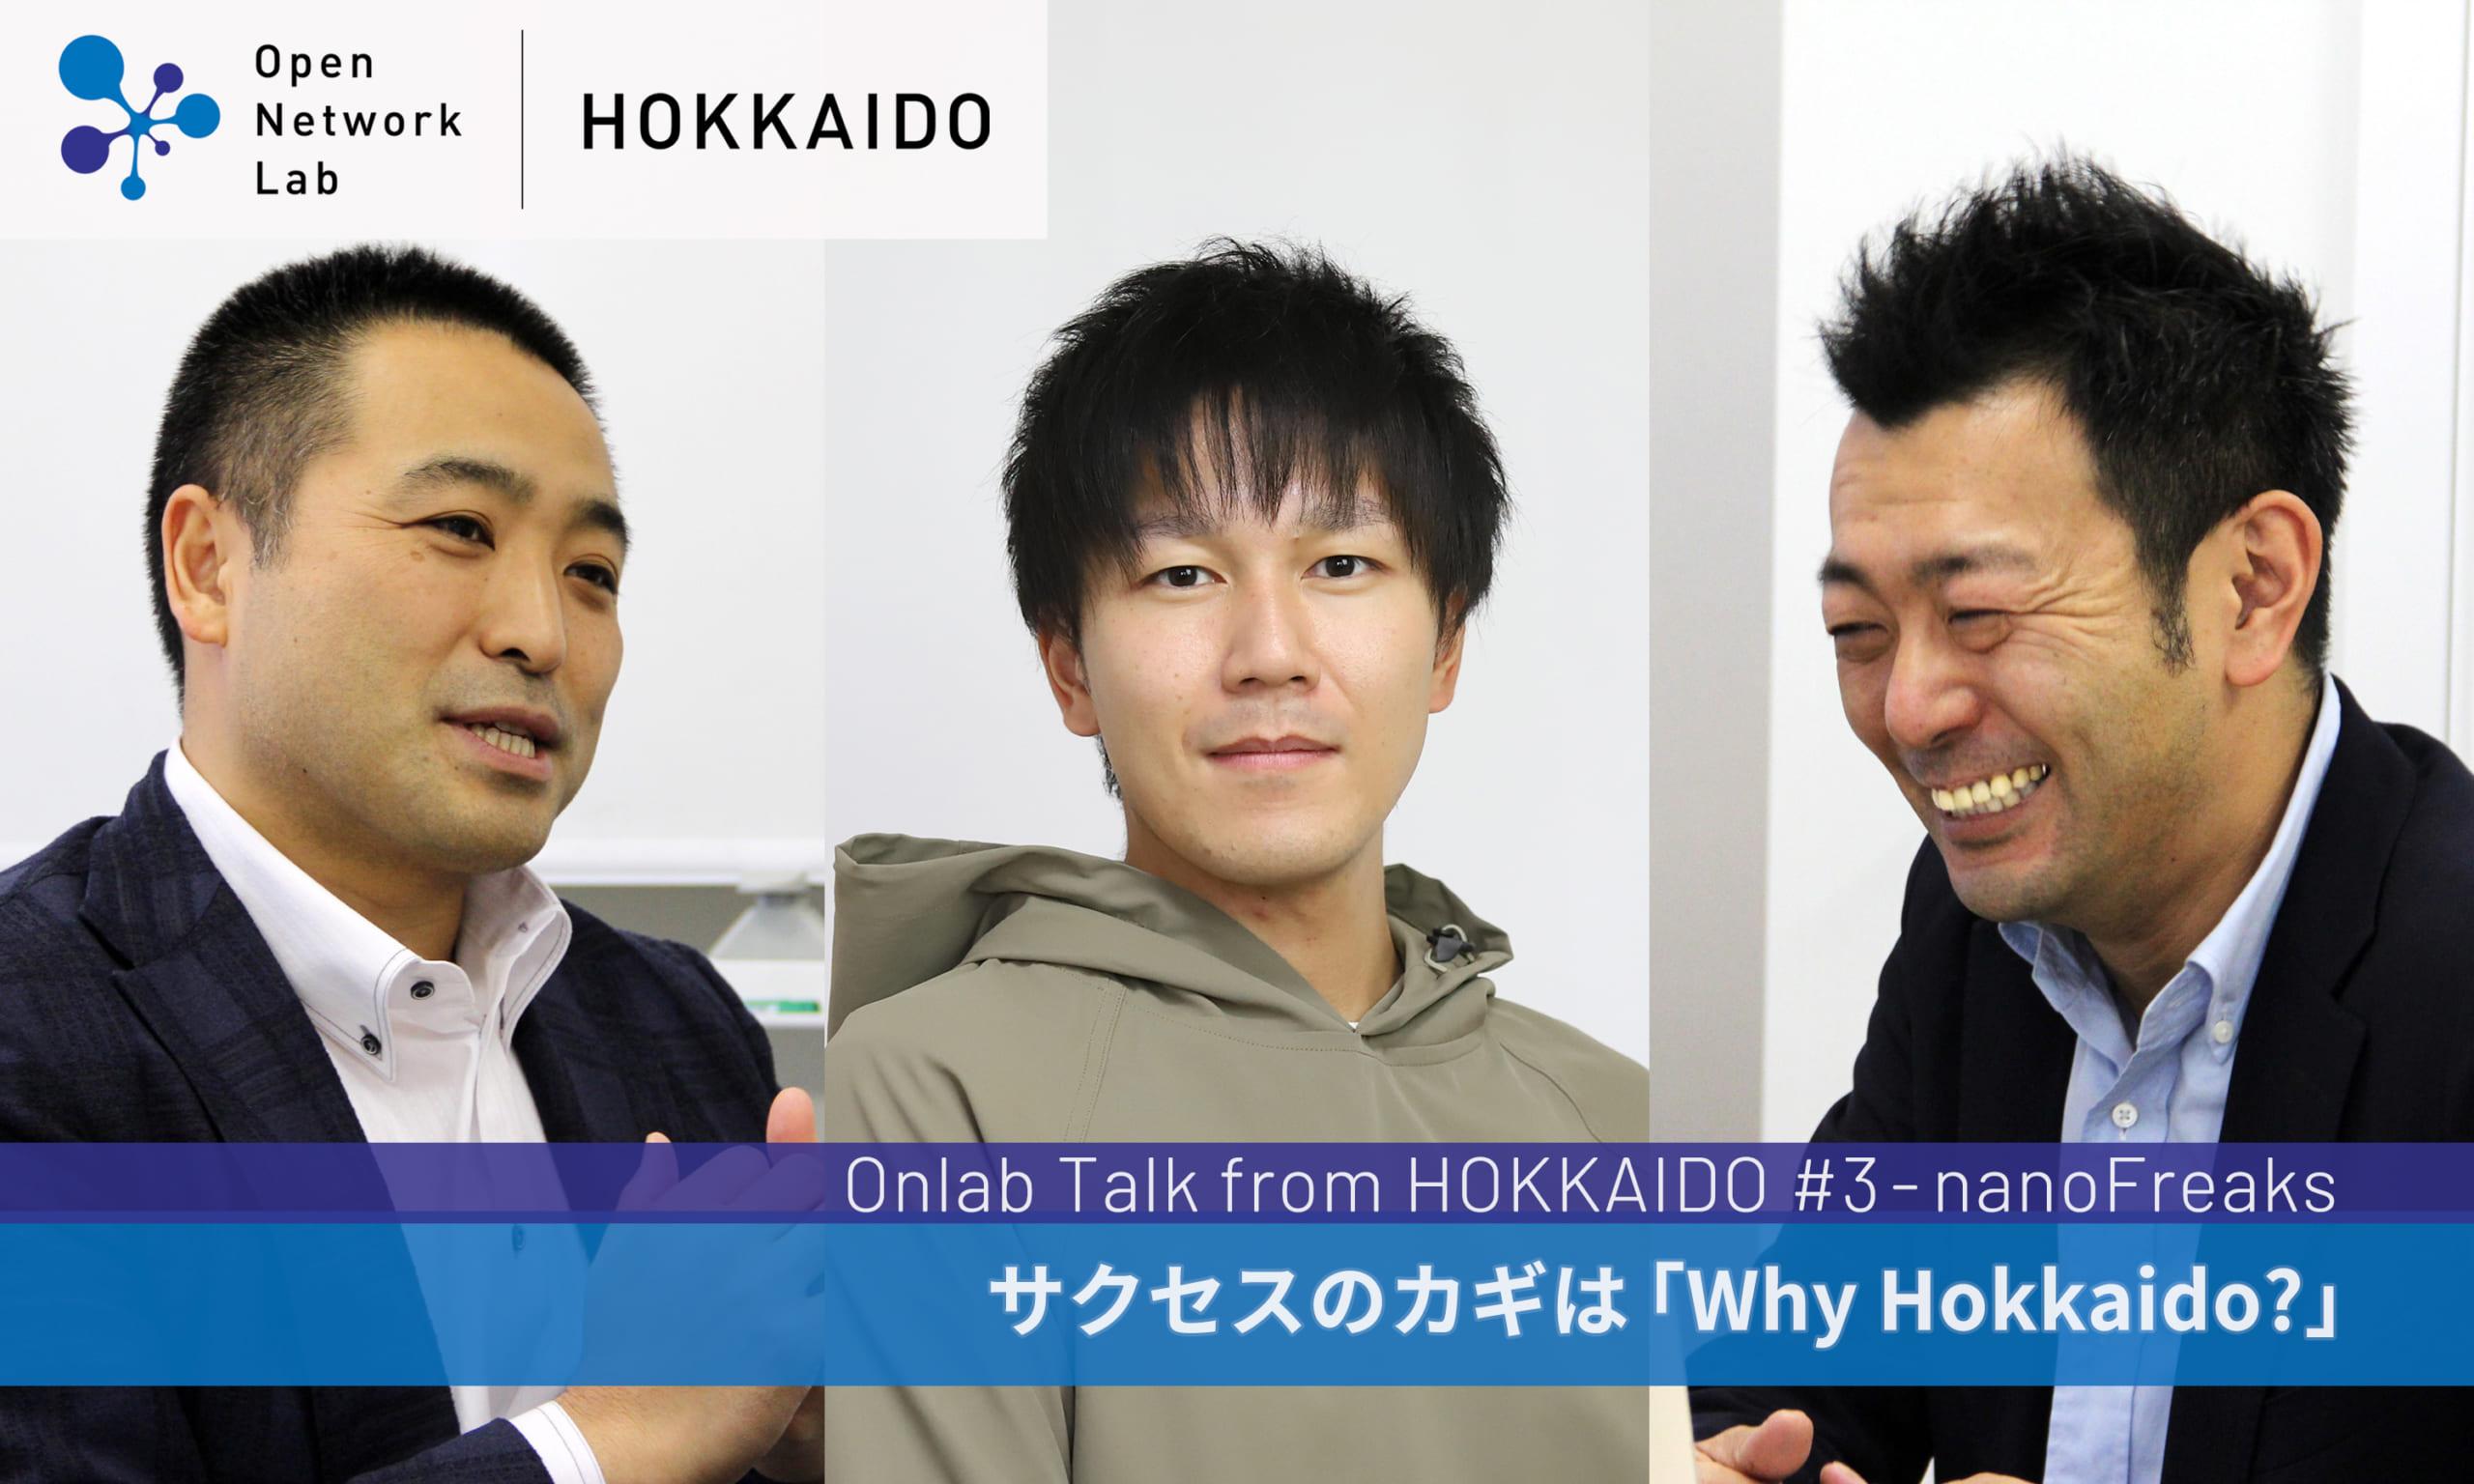 サクセスのカギは「Why Hokkaido?」 ーOnlabTalk from HOKKAIDO #3